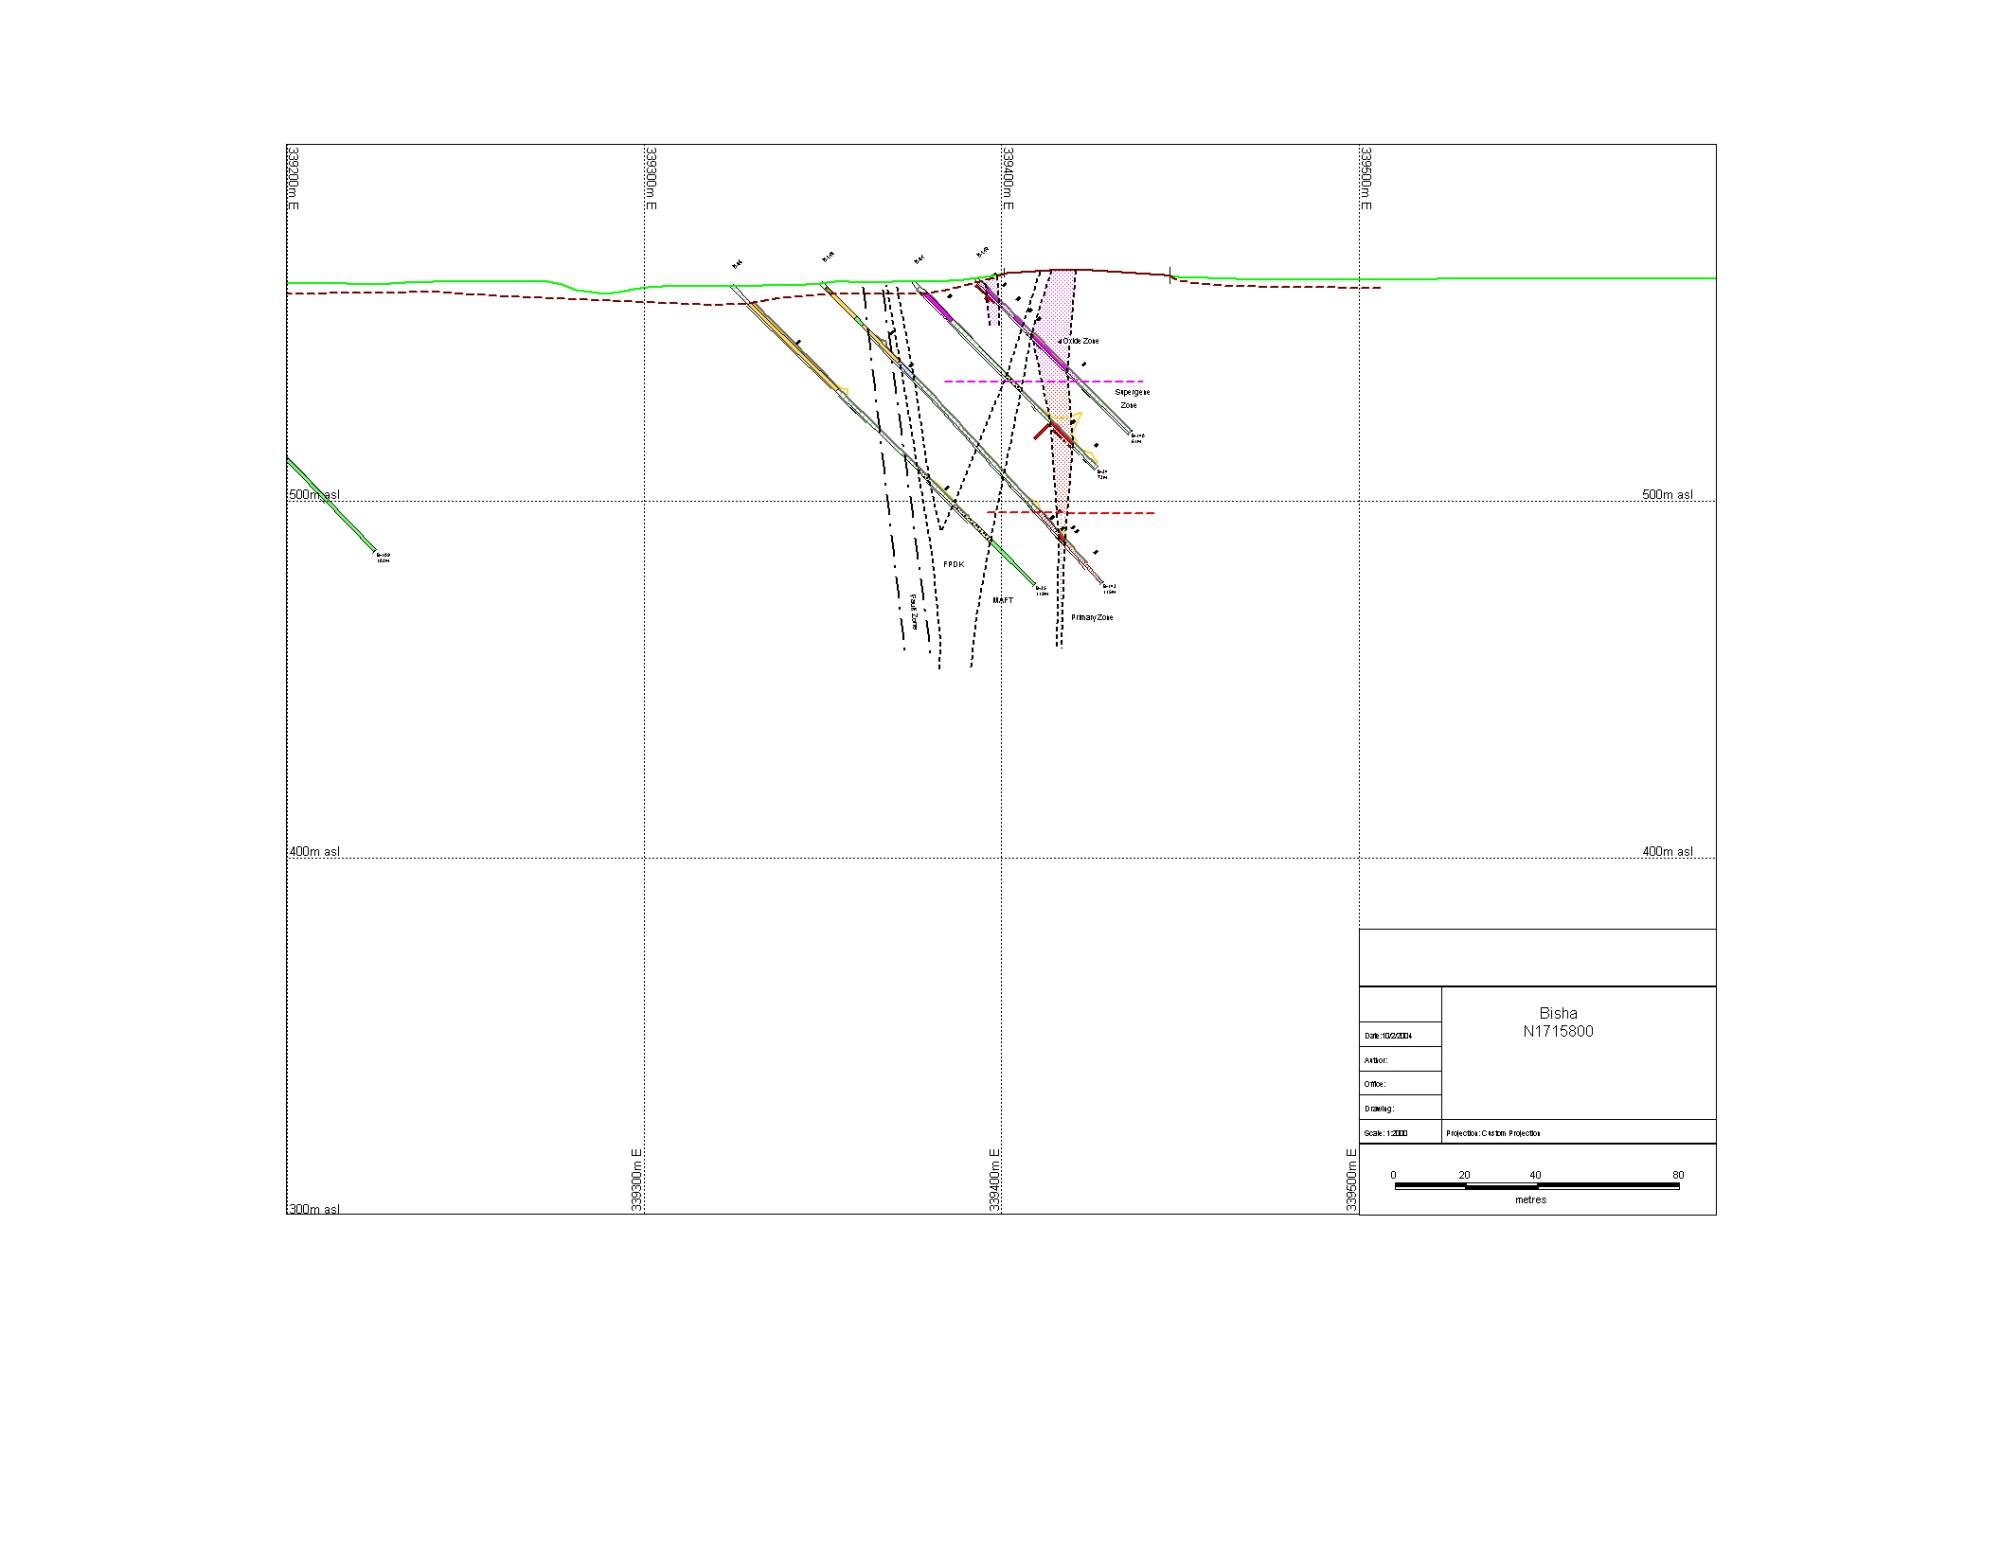 hight resolution of bishareport052 jpg